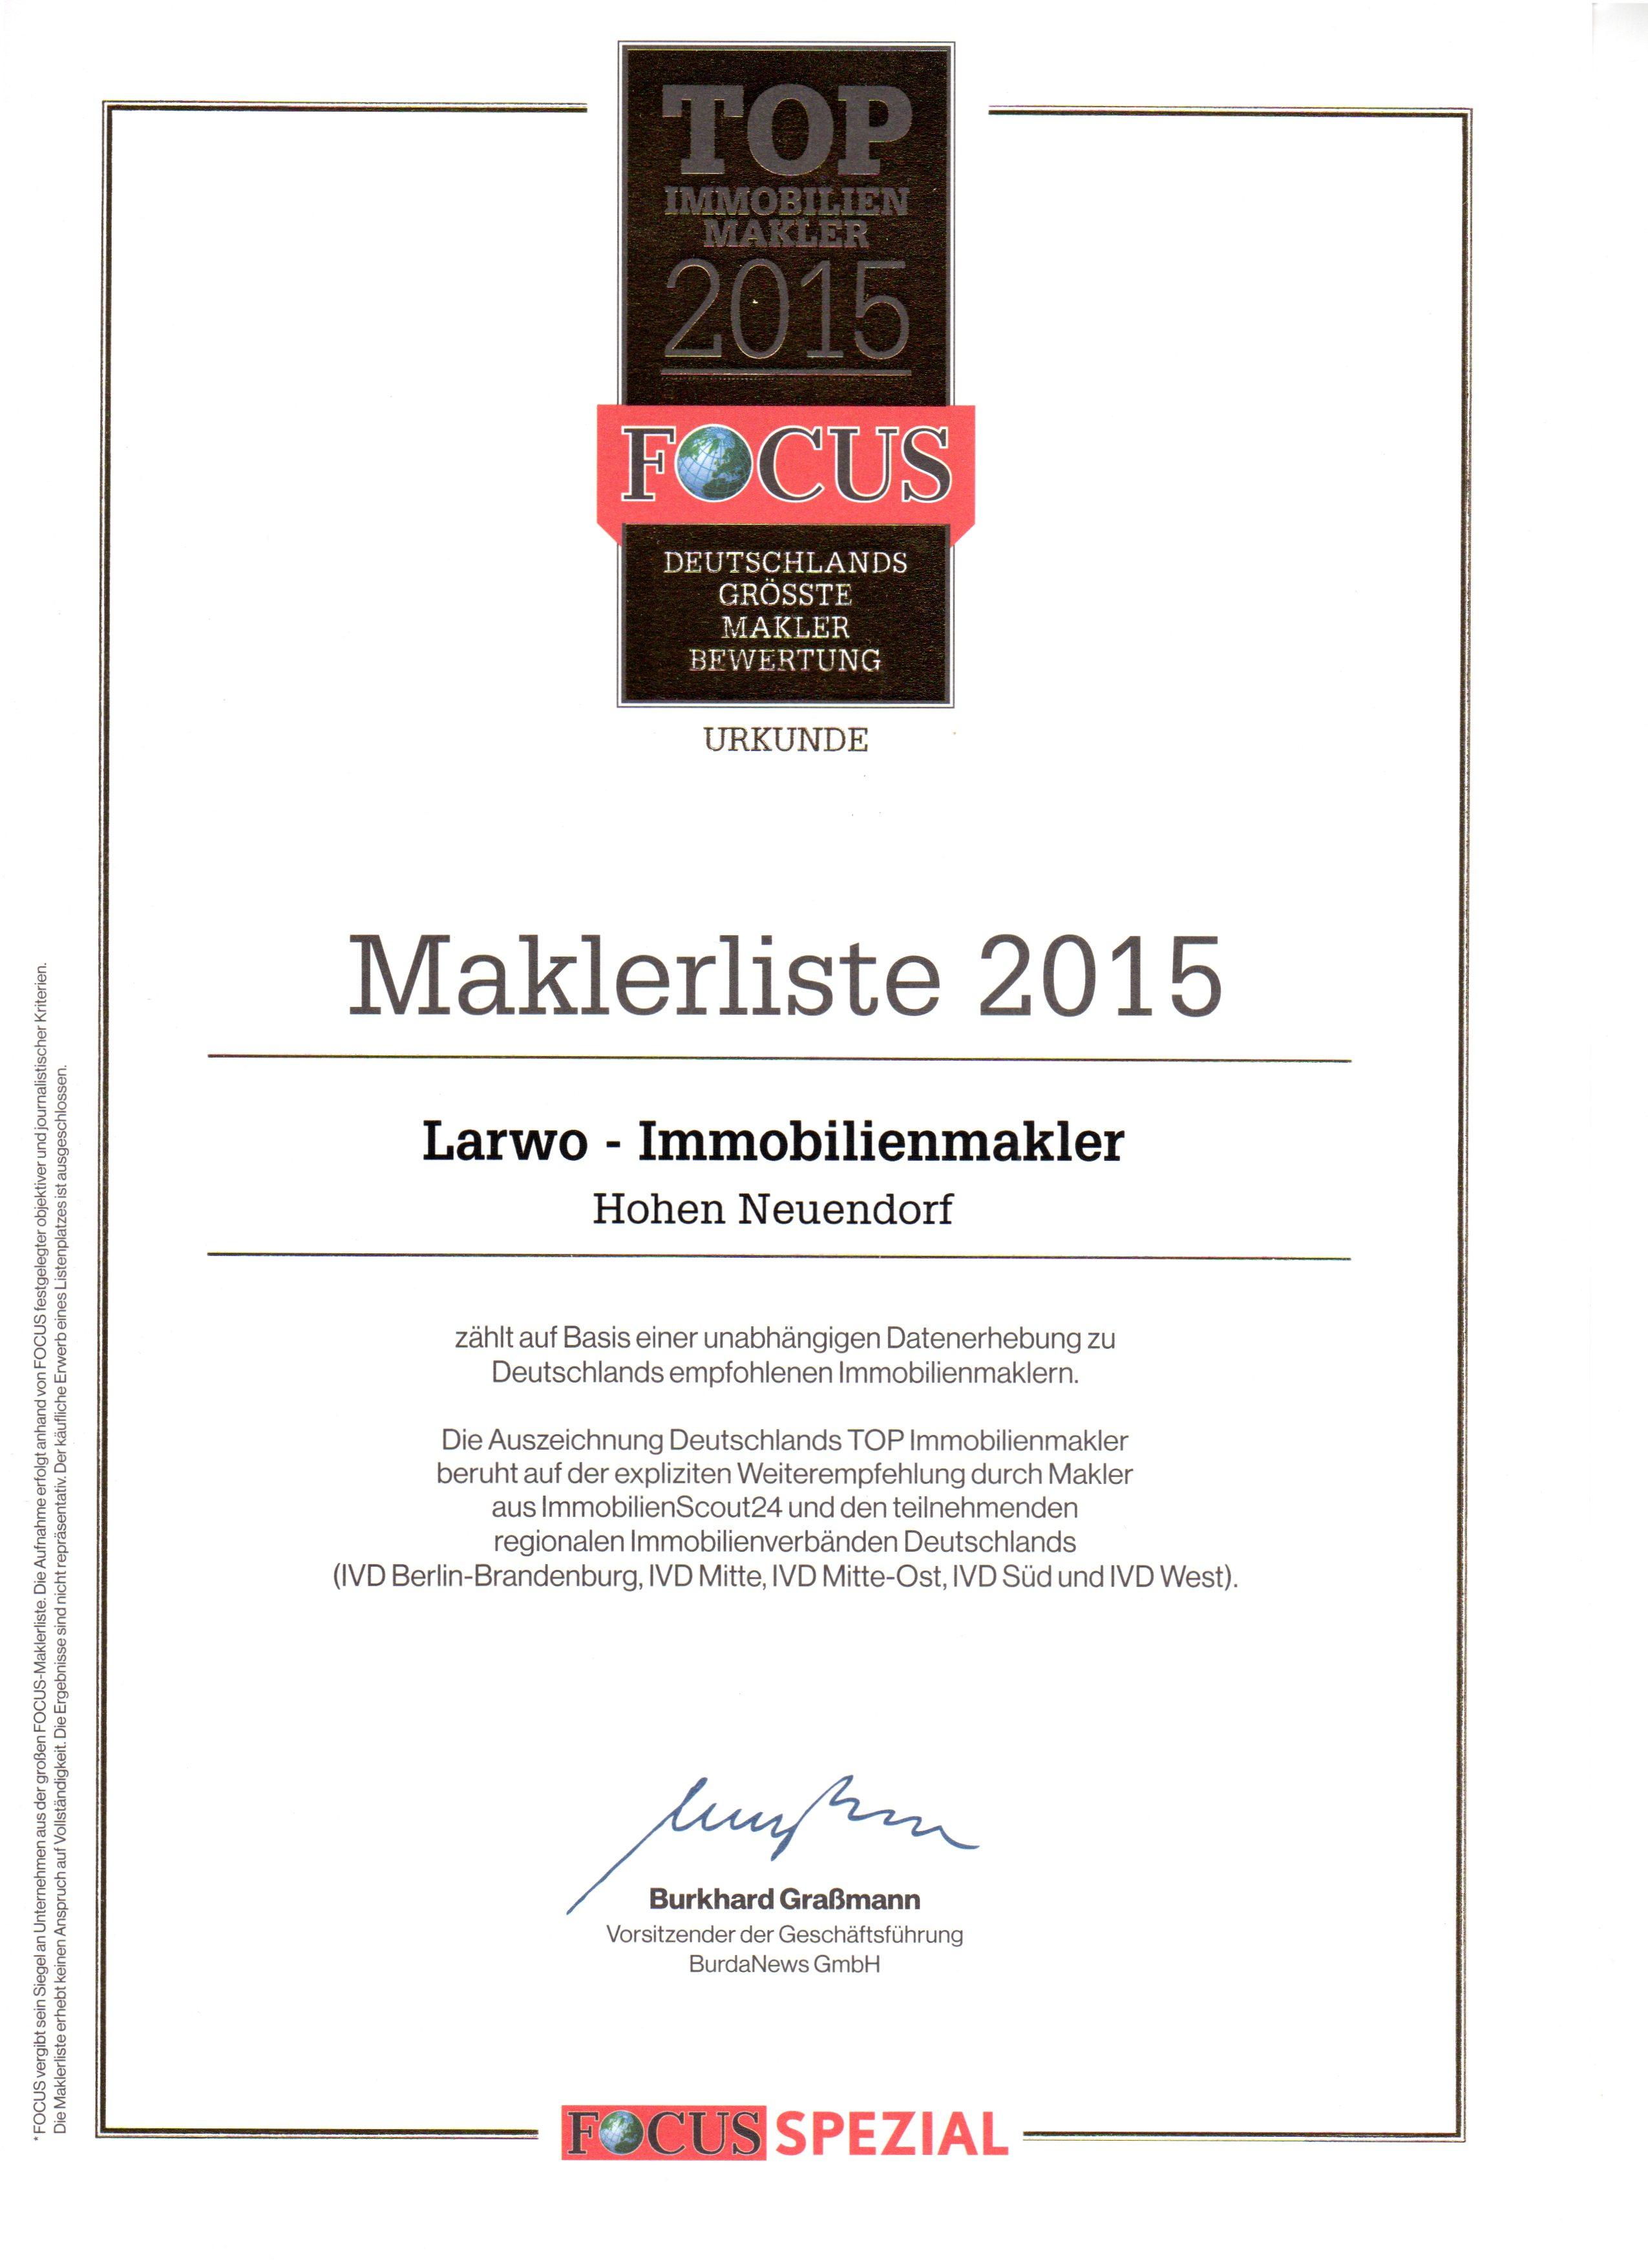 Larwo Immobilienmakler wurde zu den Top 1000 Maklerunternehmen in Deutschland gewählt.